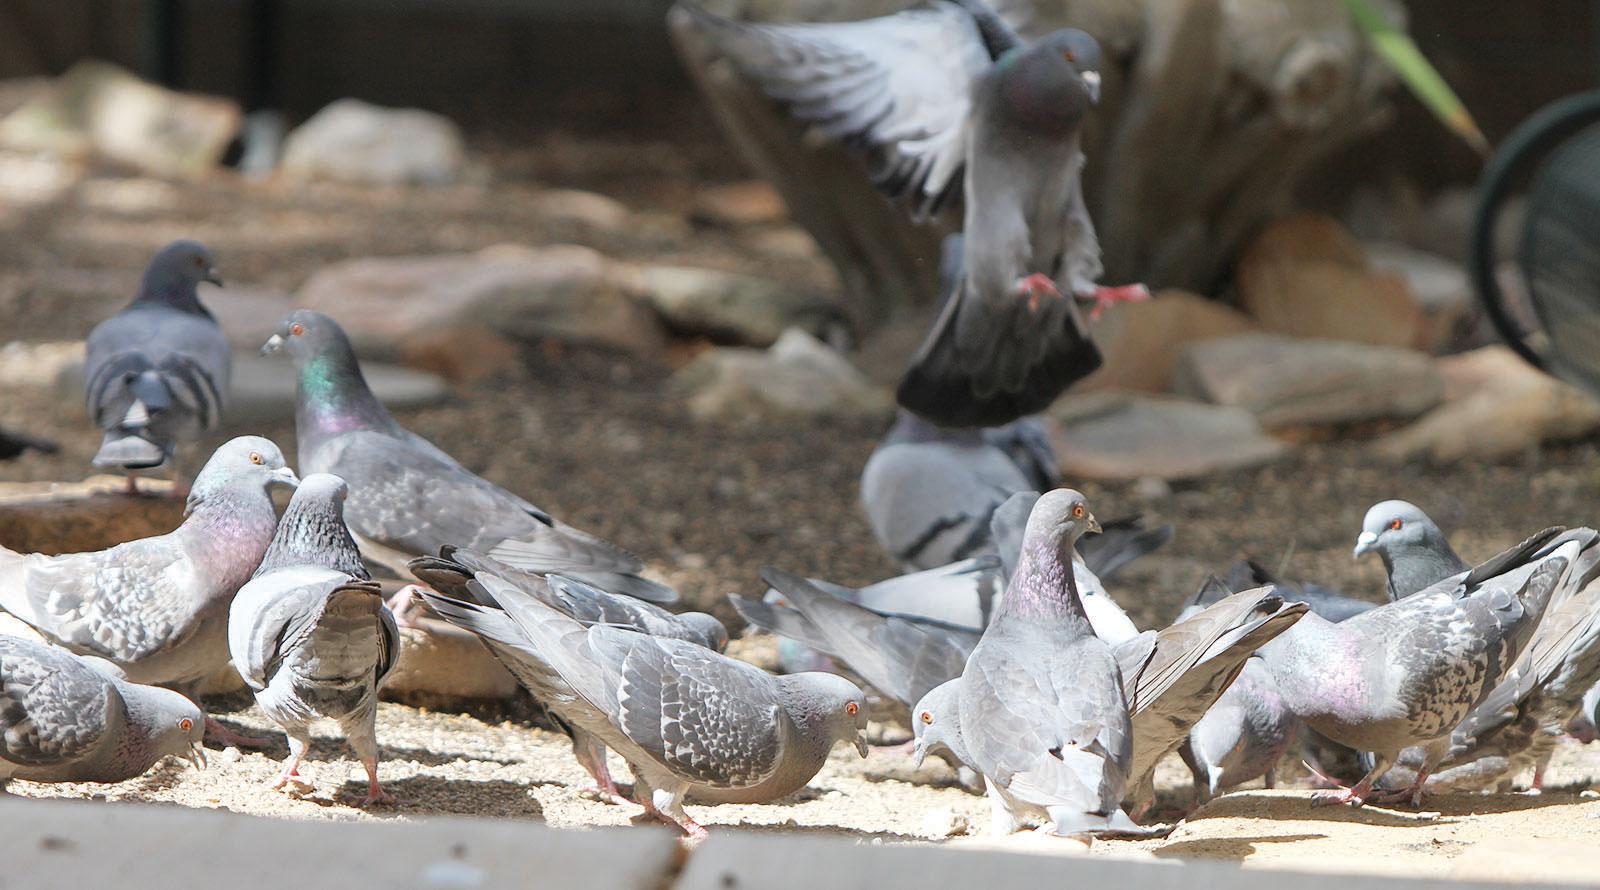 Eavesdroppers: Getting rid of pigeons isn't easy | Kingman ...